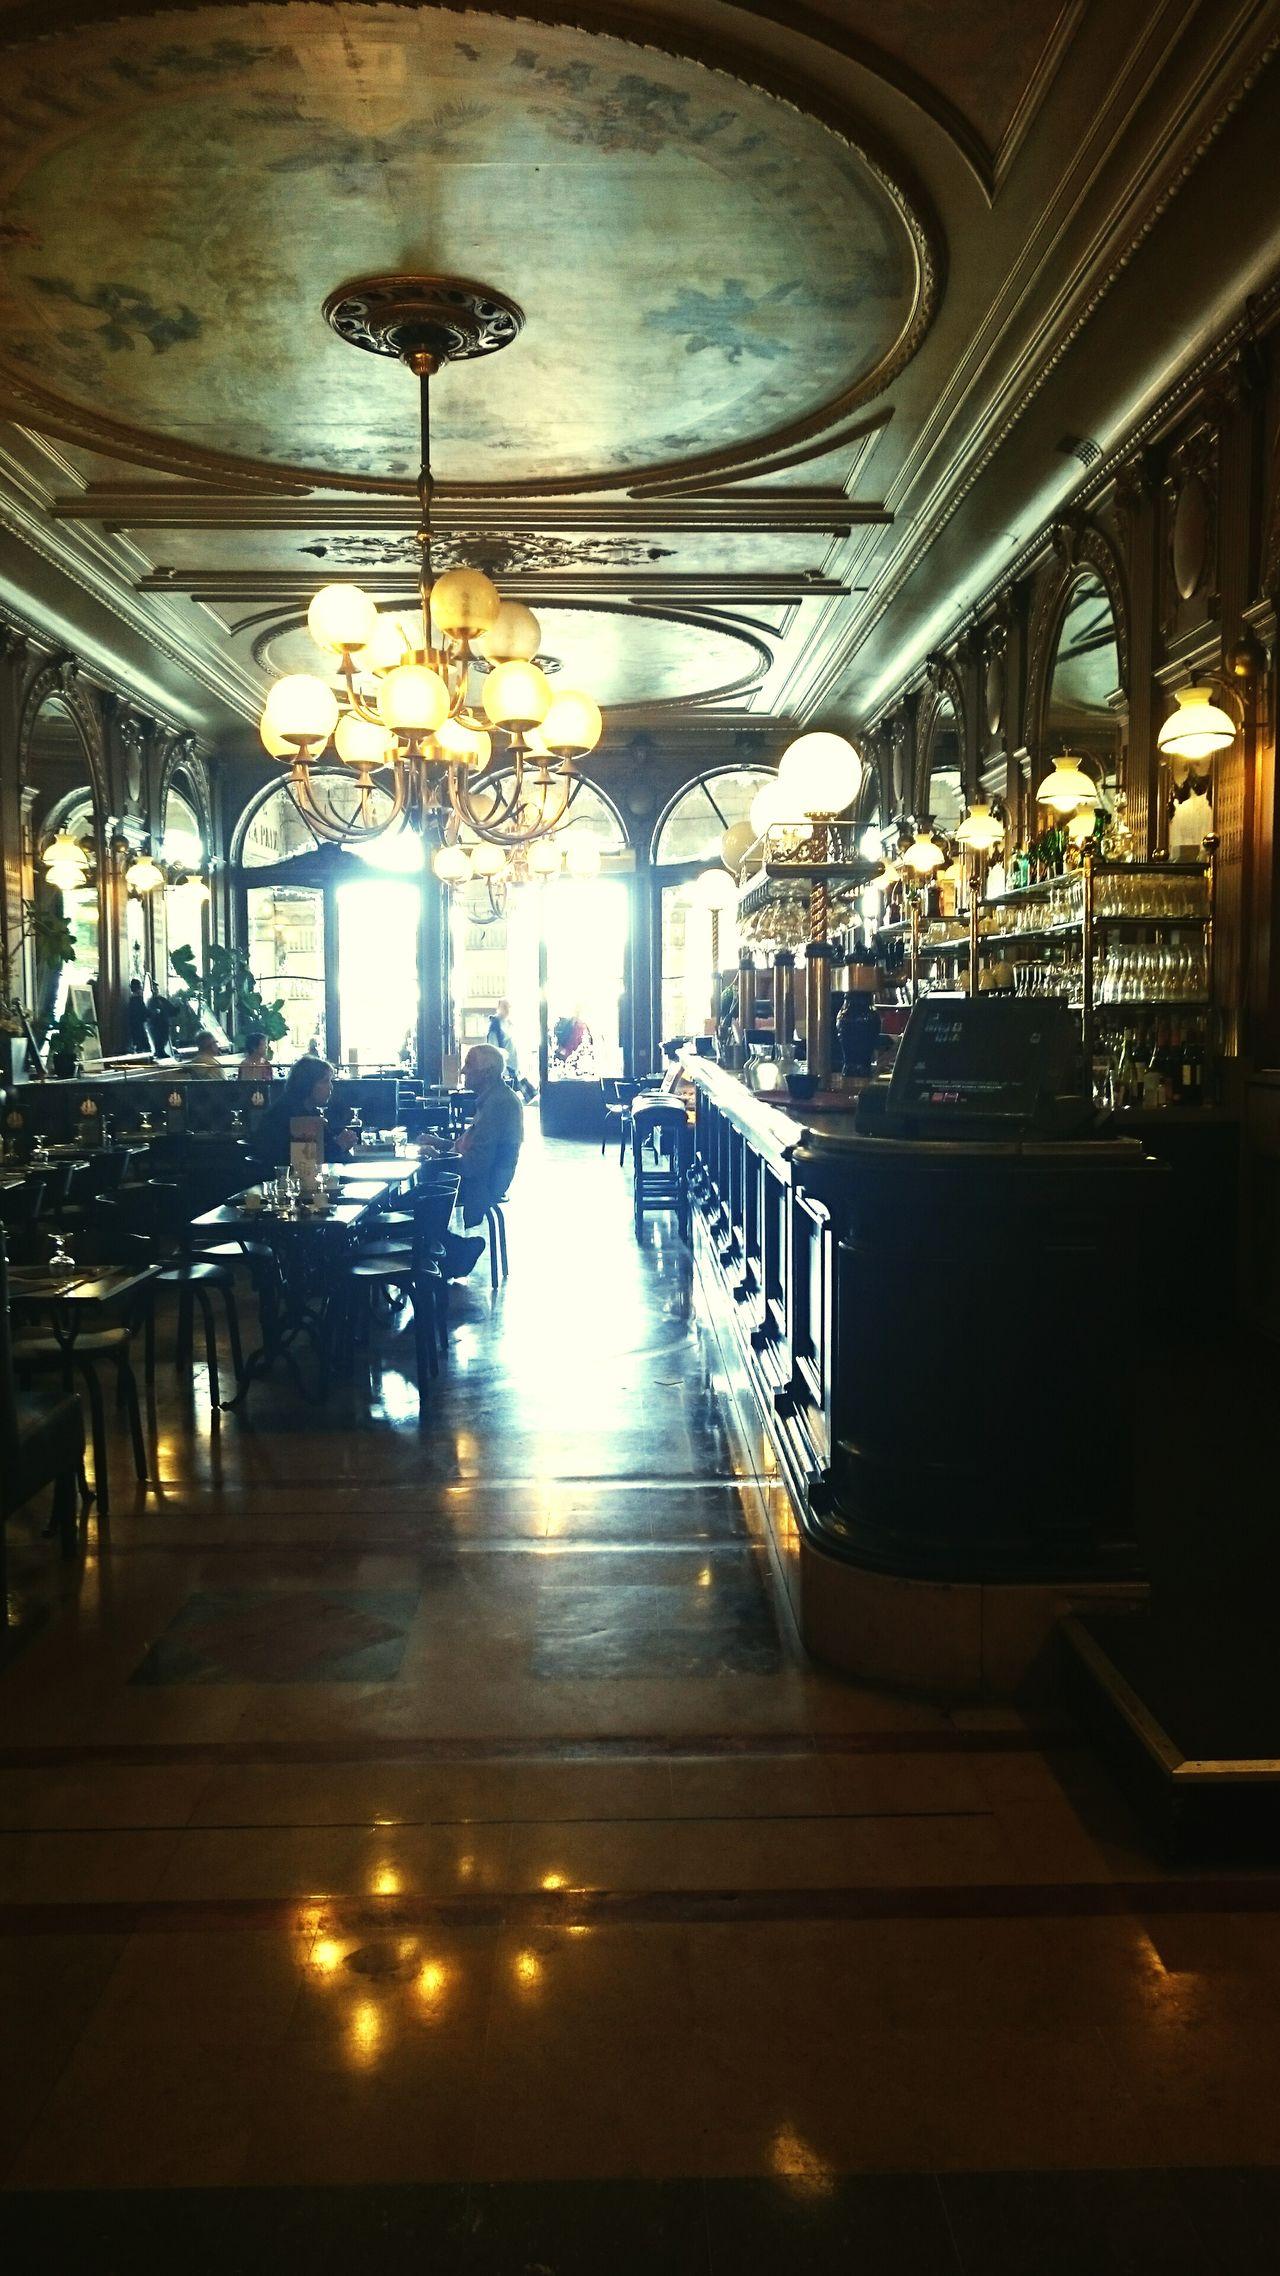 Cafe Bar café de la paix La Rochelle Rococo Glittering Lights Indoor Old Fashion